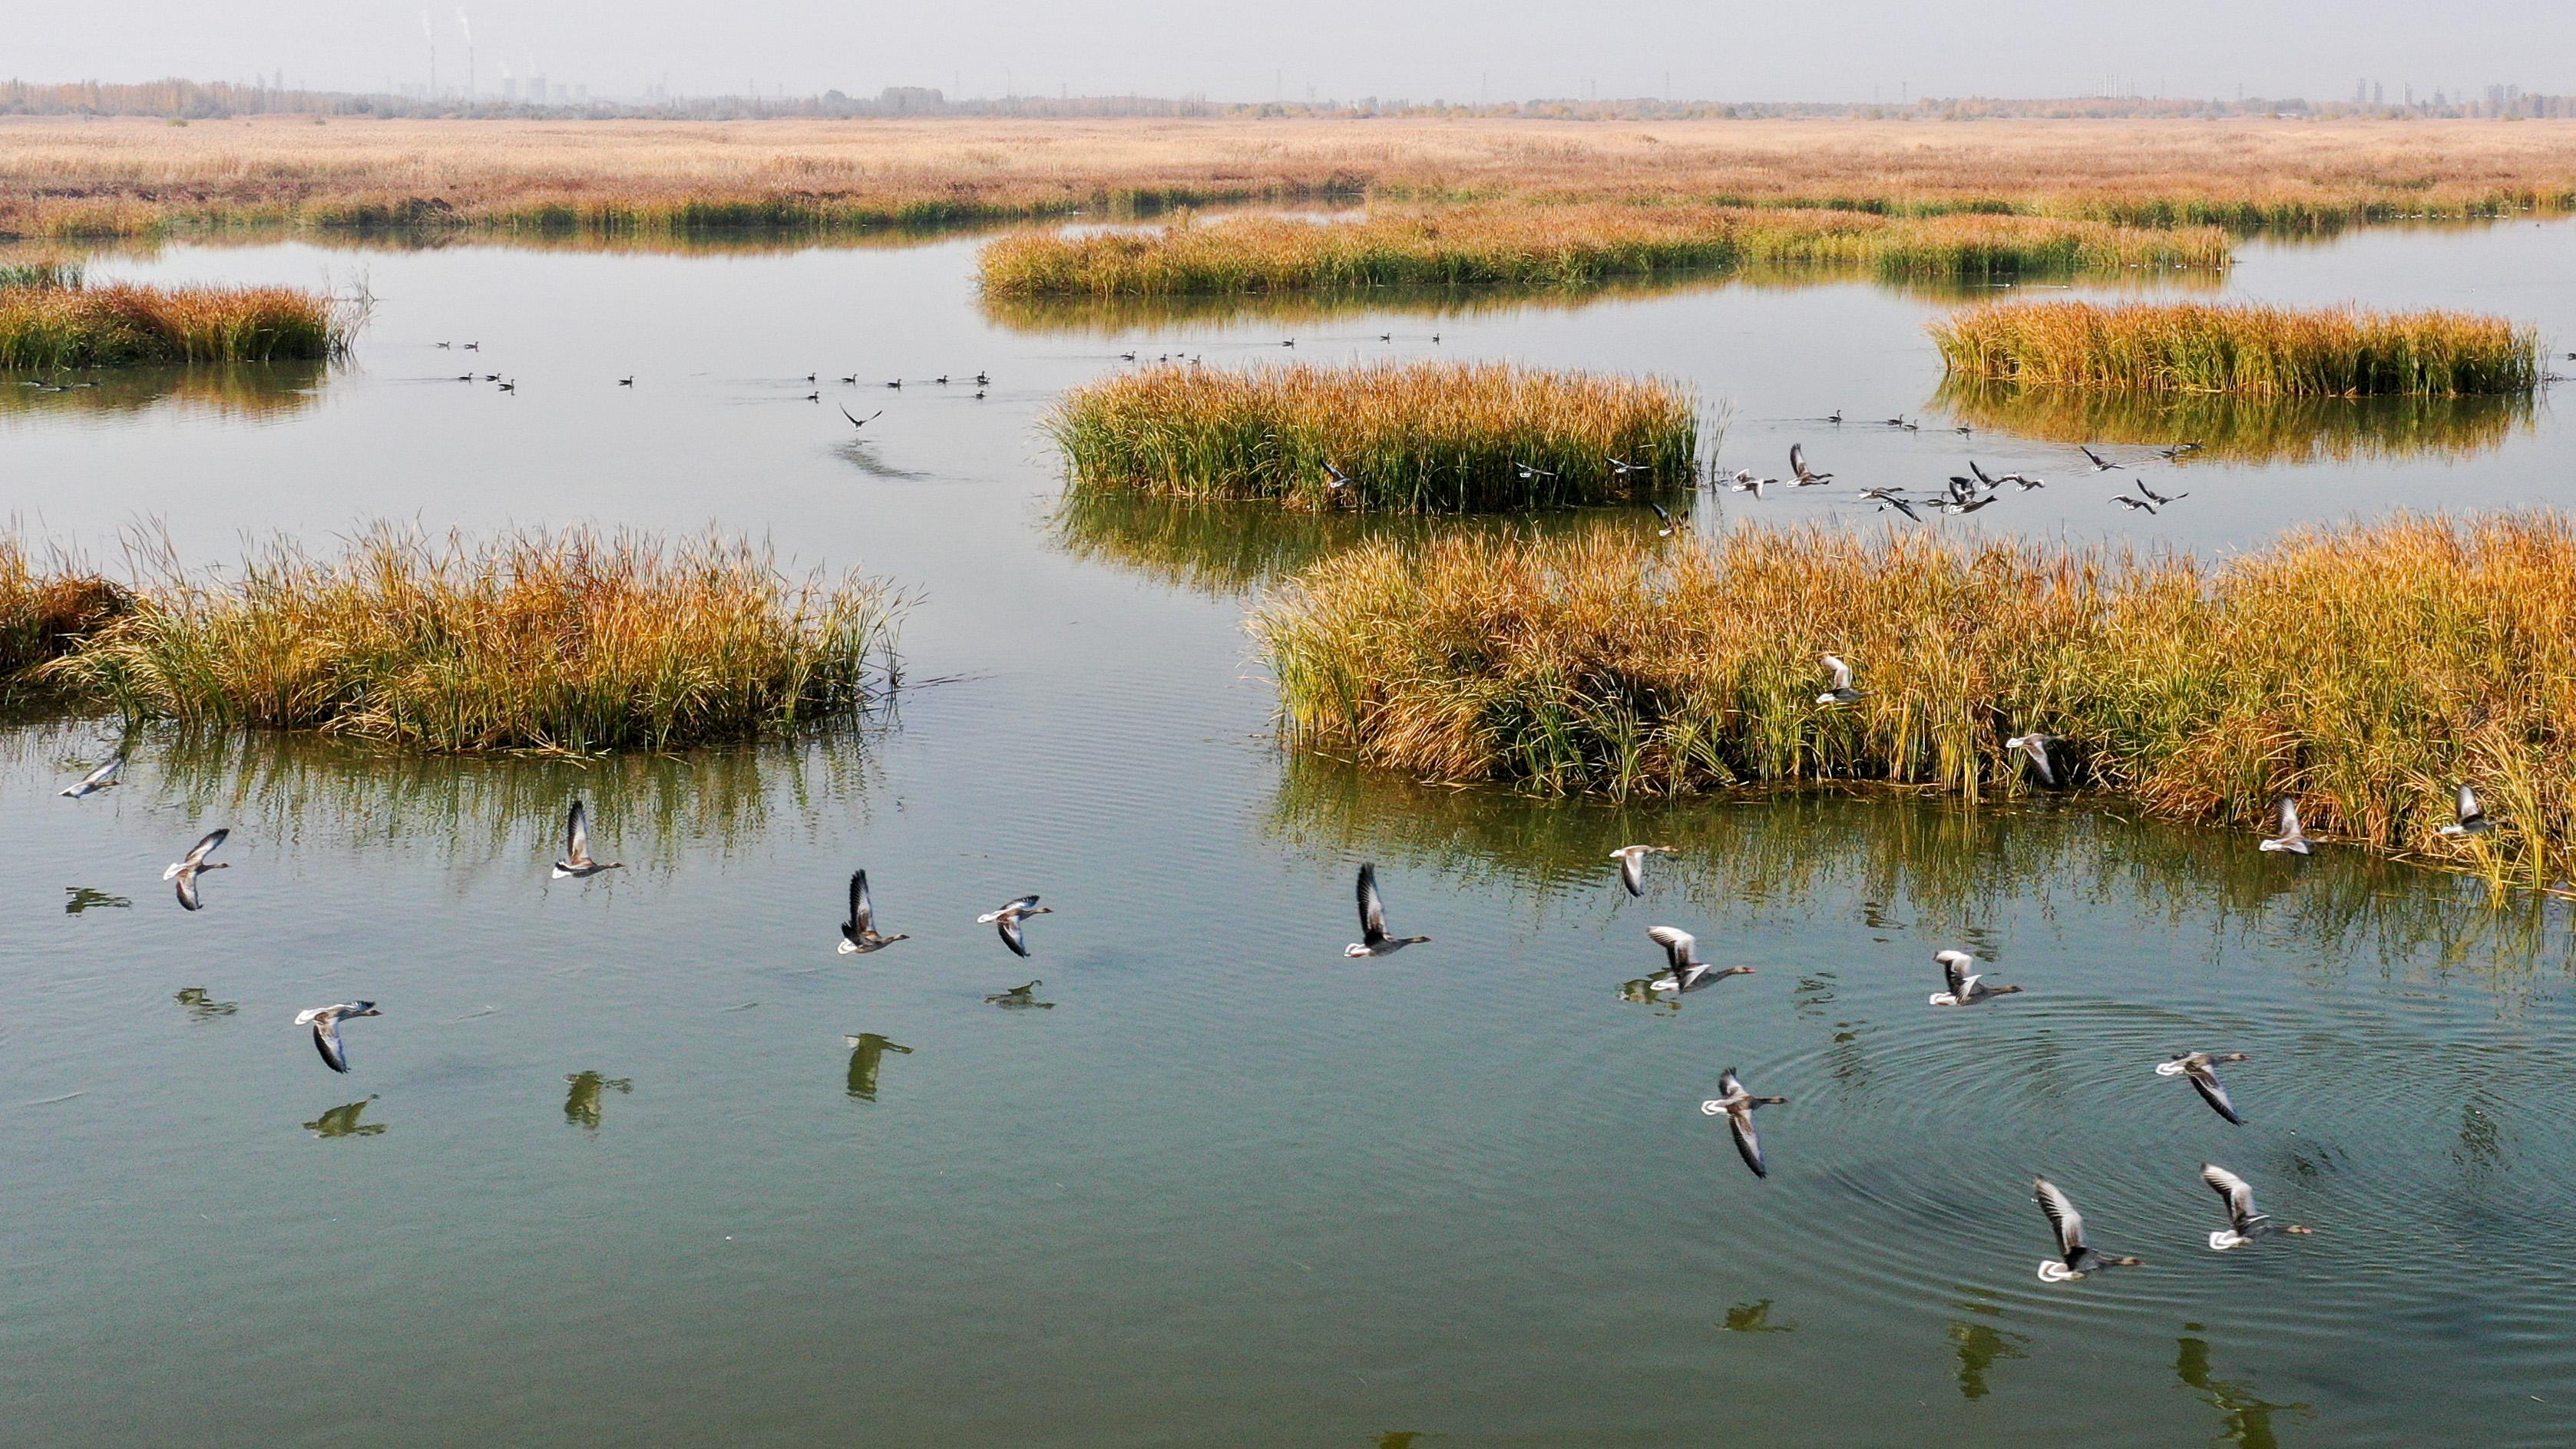 新疆玛纳斯:秋日湿地画卷